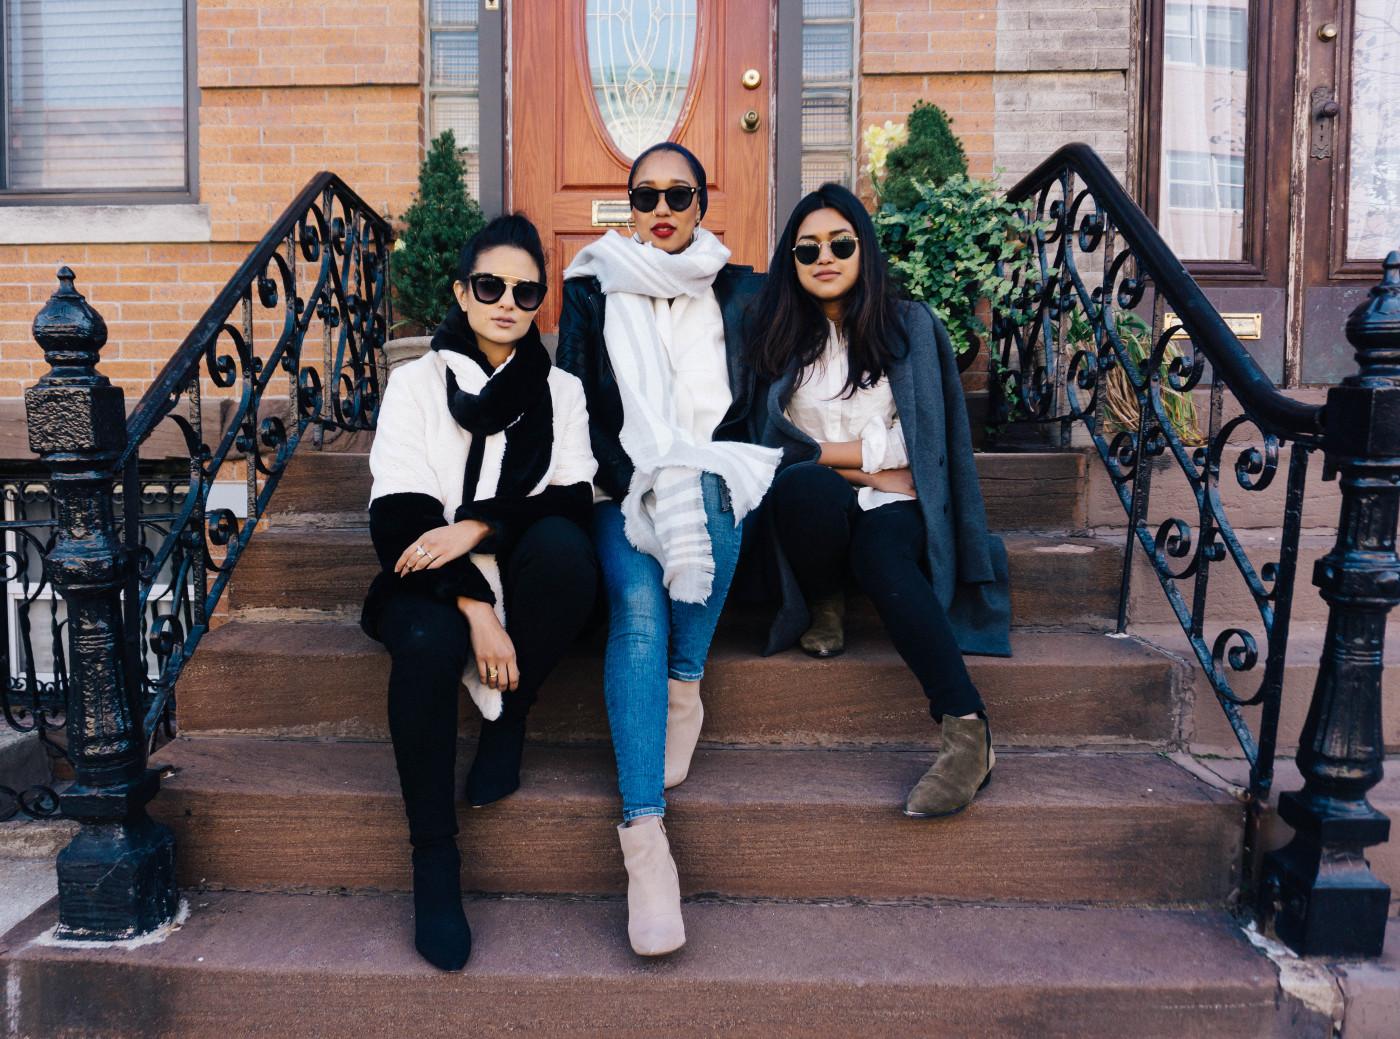 Repicturing Modern Muslim Women